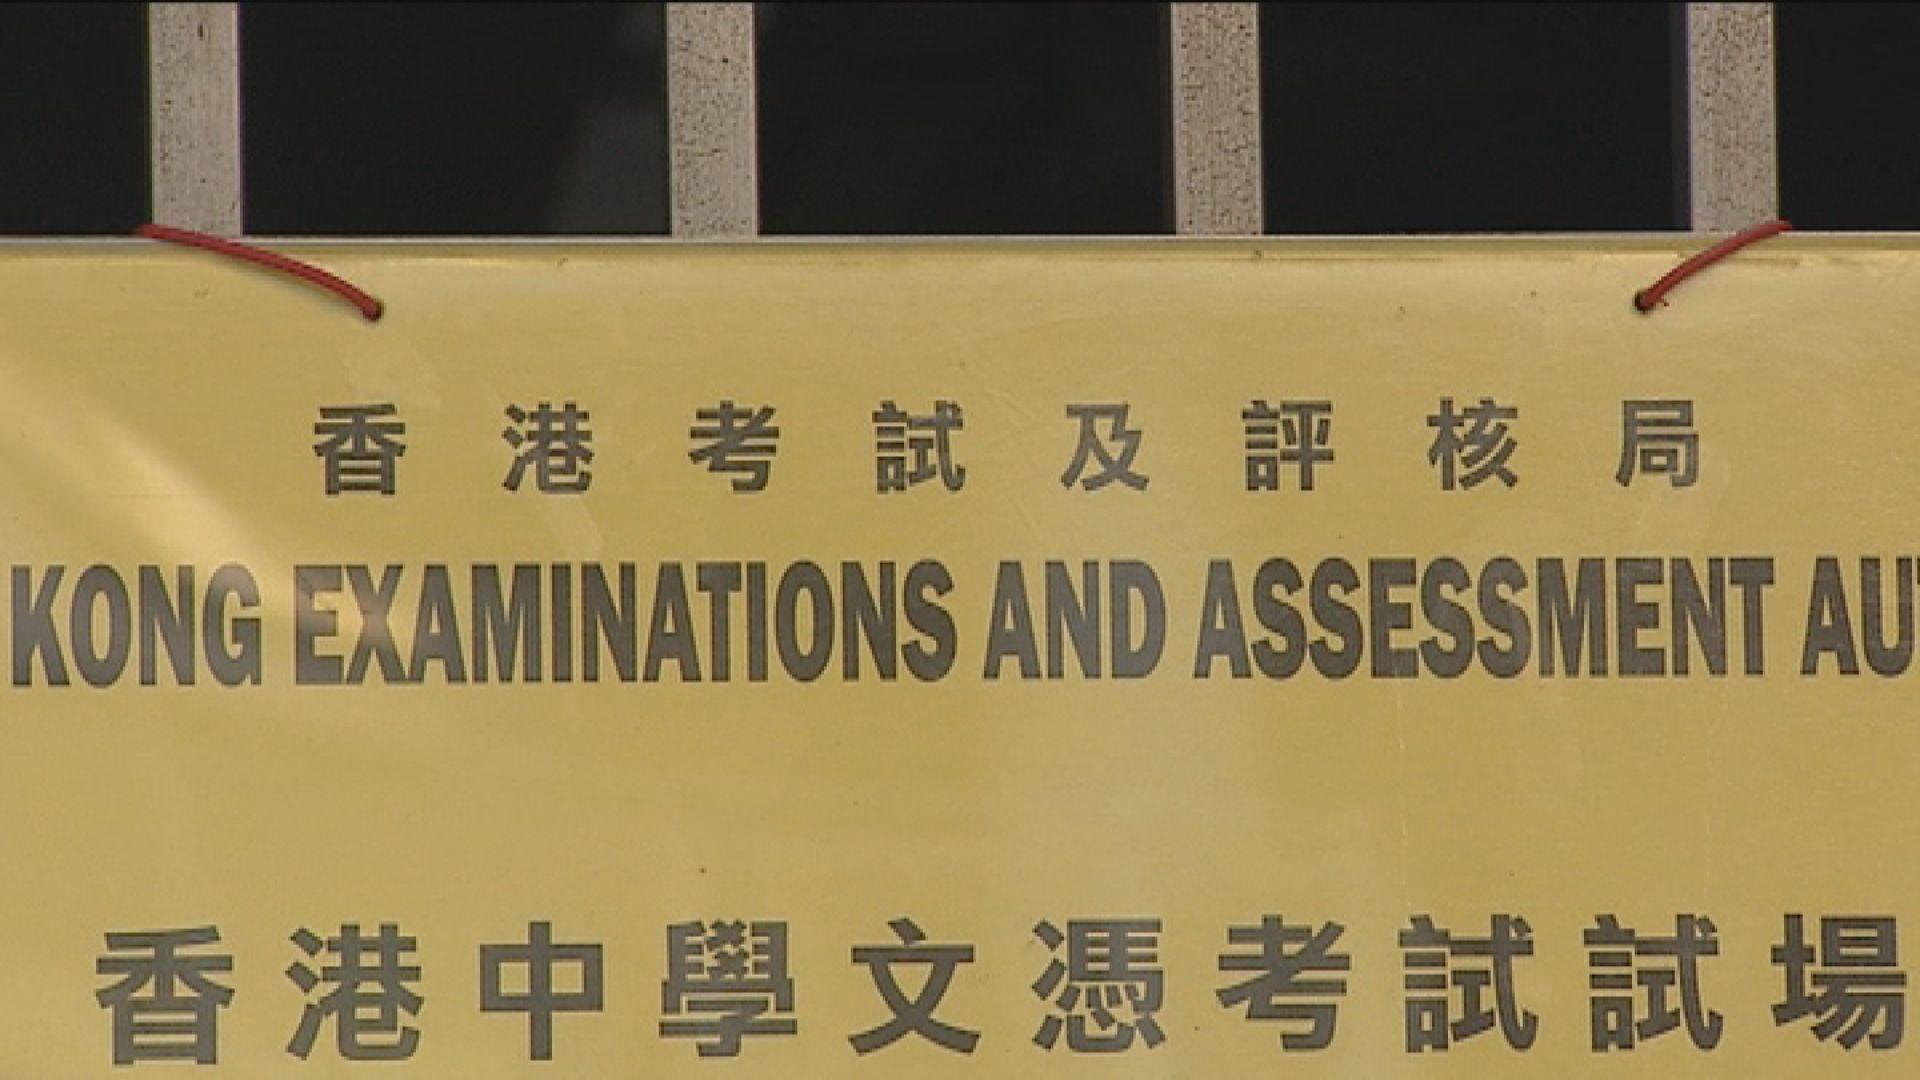 楊潤雄︰文憑試24日開考機會高 正商討加強防疫措施